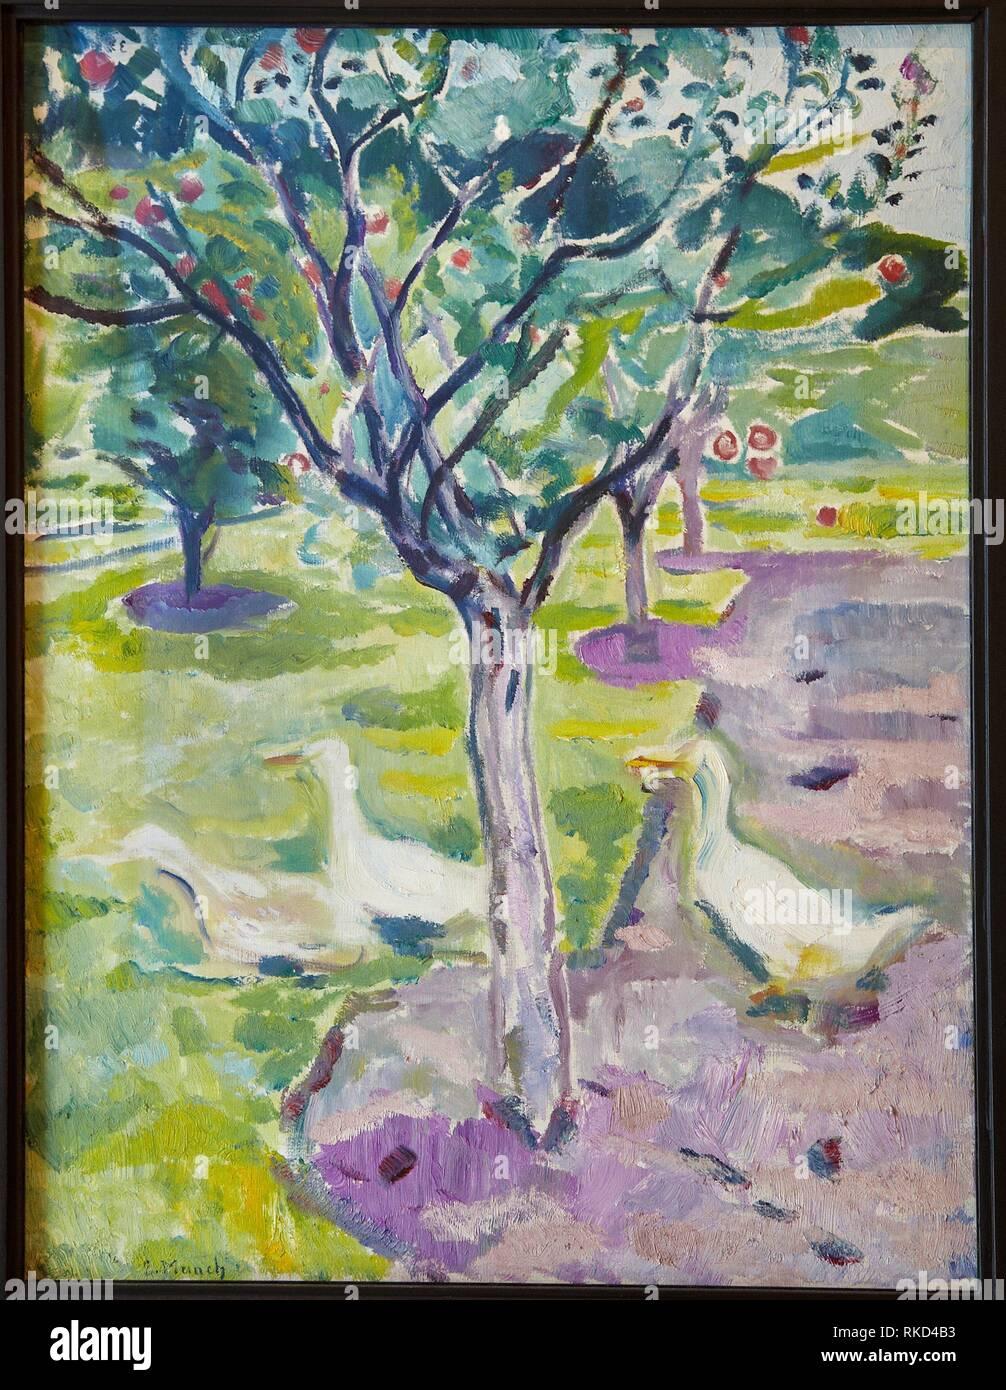 '''Gänse in einem Obstgarten'', 1911, Edvard Munch, Thyssen Bornemisza Museum, Madrid, Spanien Stockbild